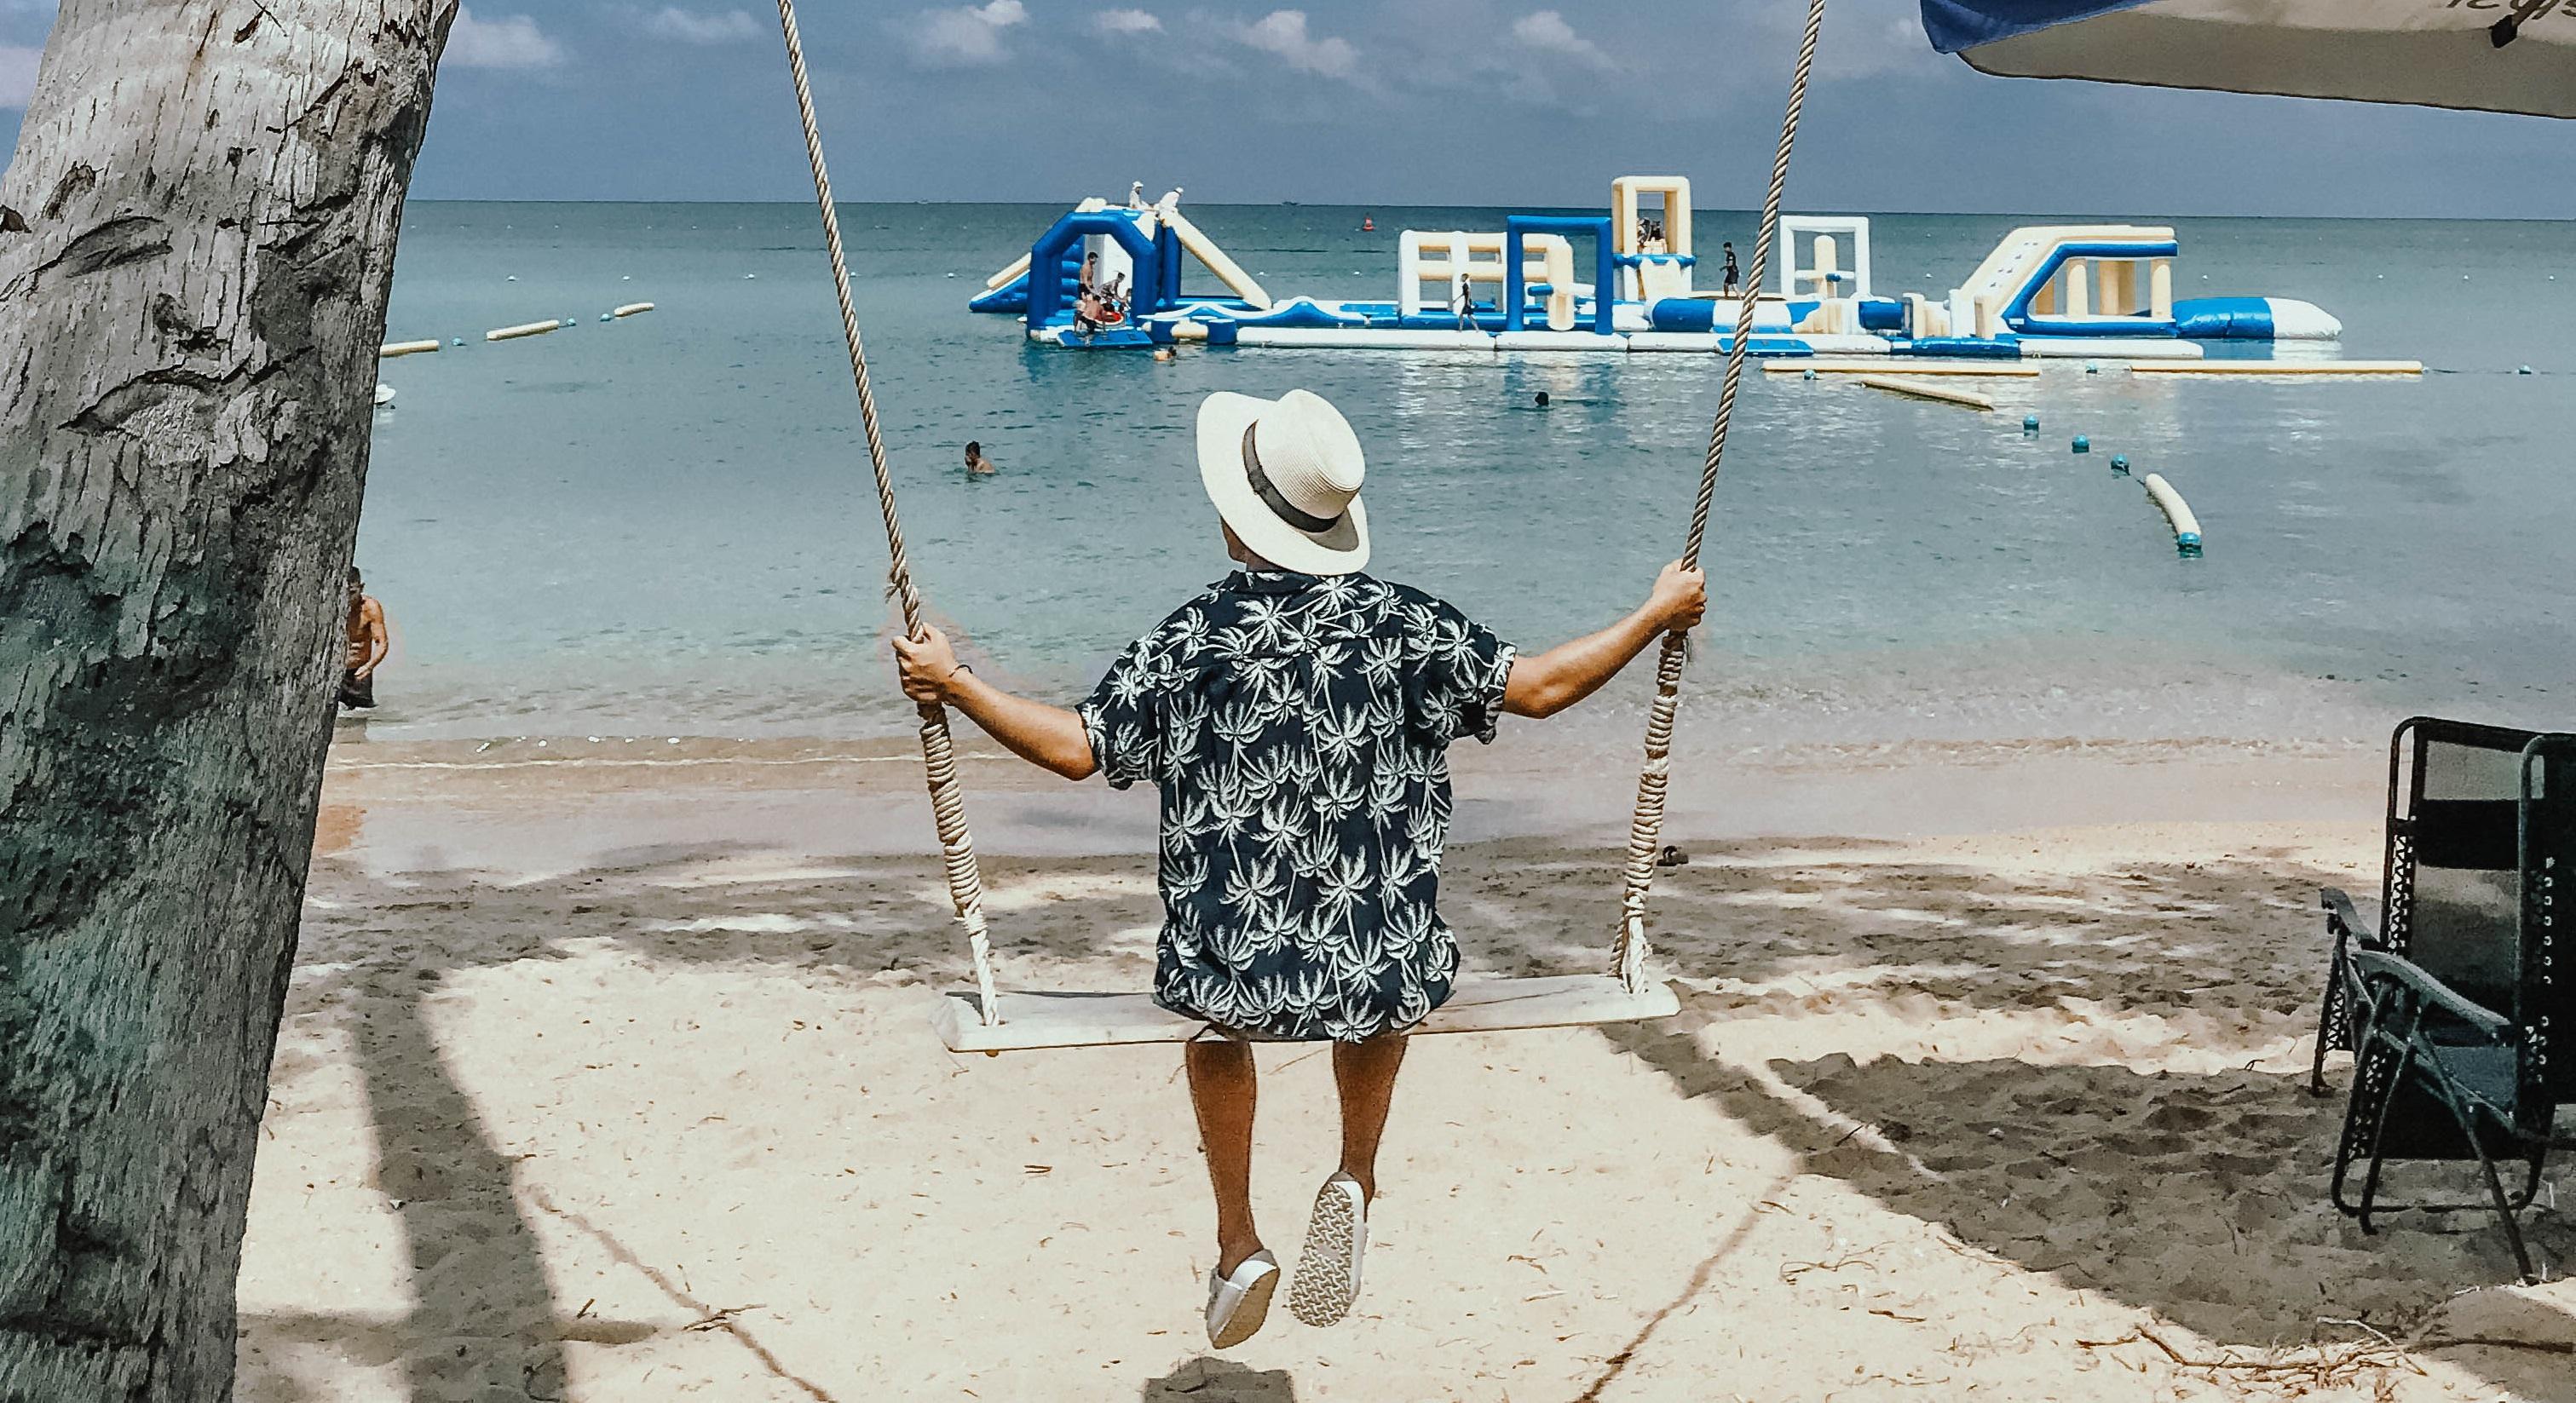 Lang thang giữa Hòn Thơm, hòn đảo bé xinh đẹp như trời Tây mới thấy thiên đường là có thật!